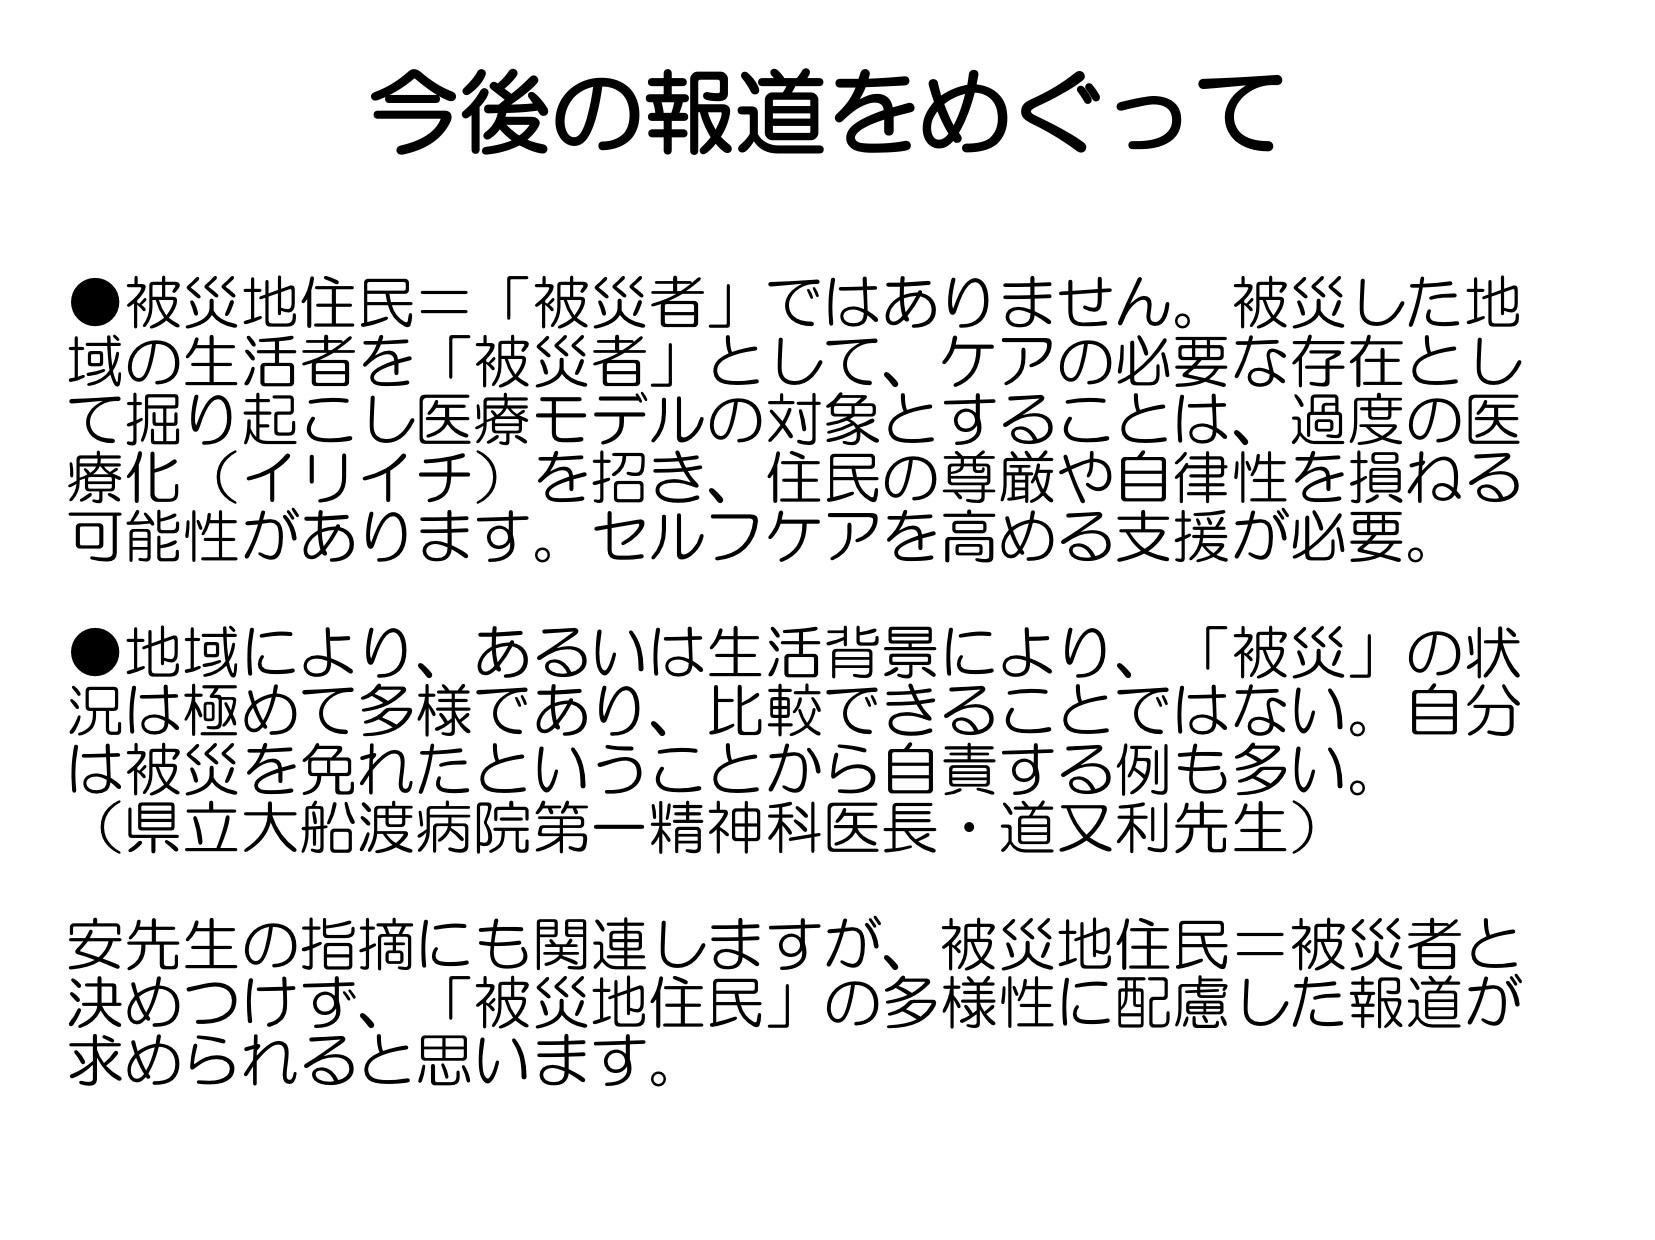 「震災と報道…心のケア、文化財、音楽」…③_a0103650_058060.jpg